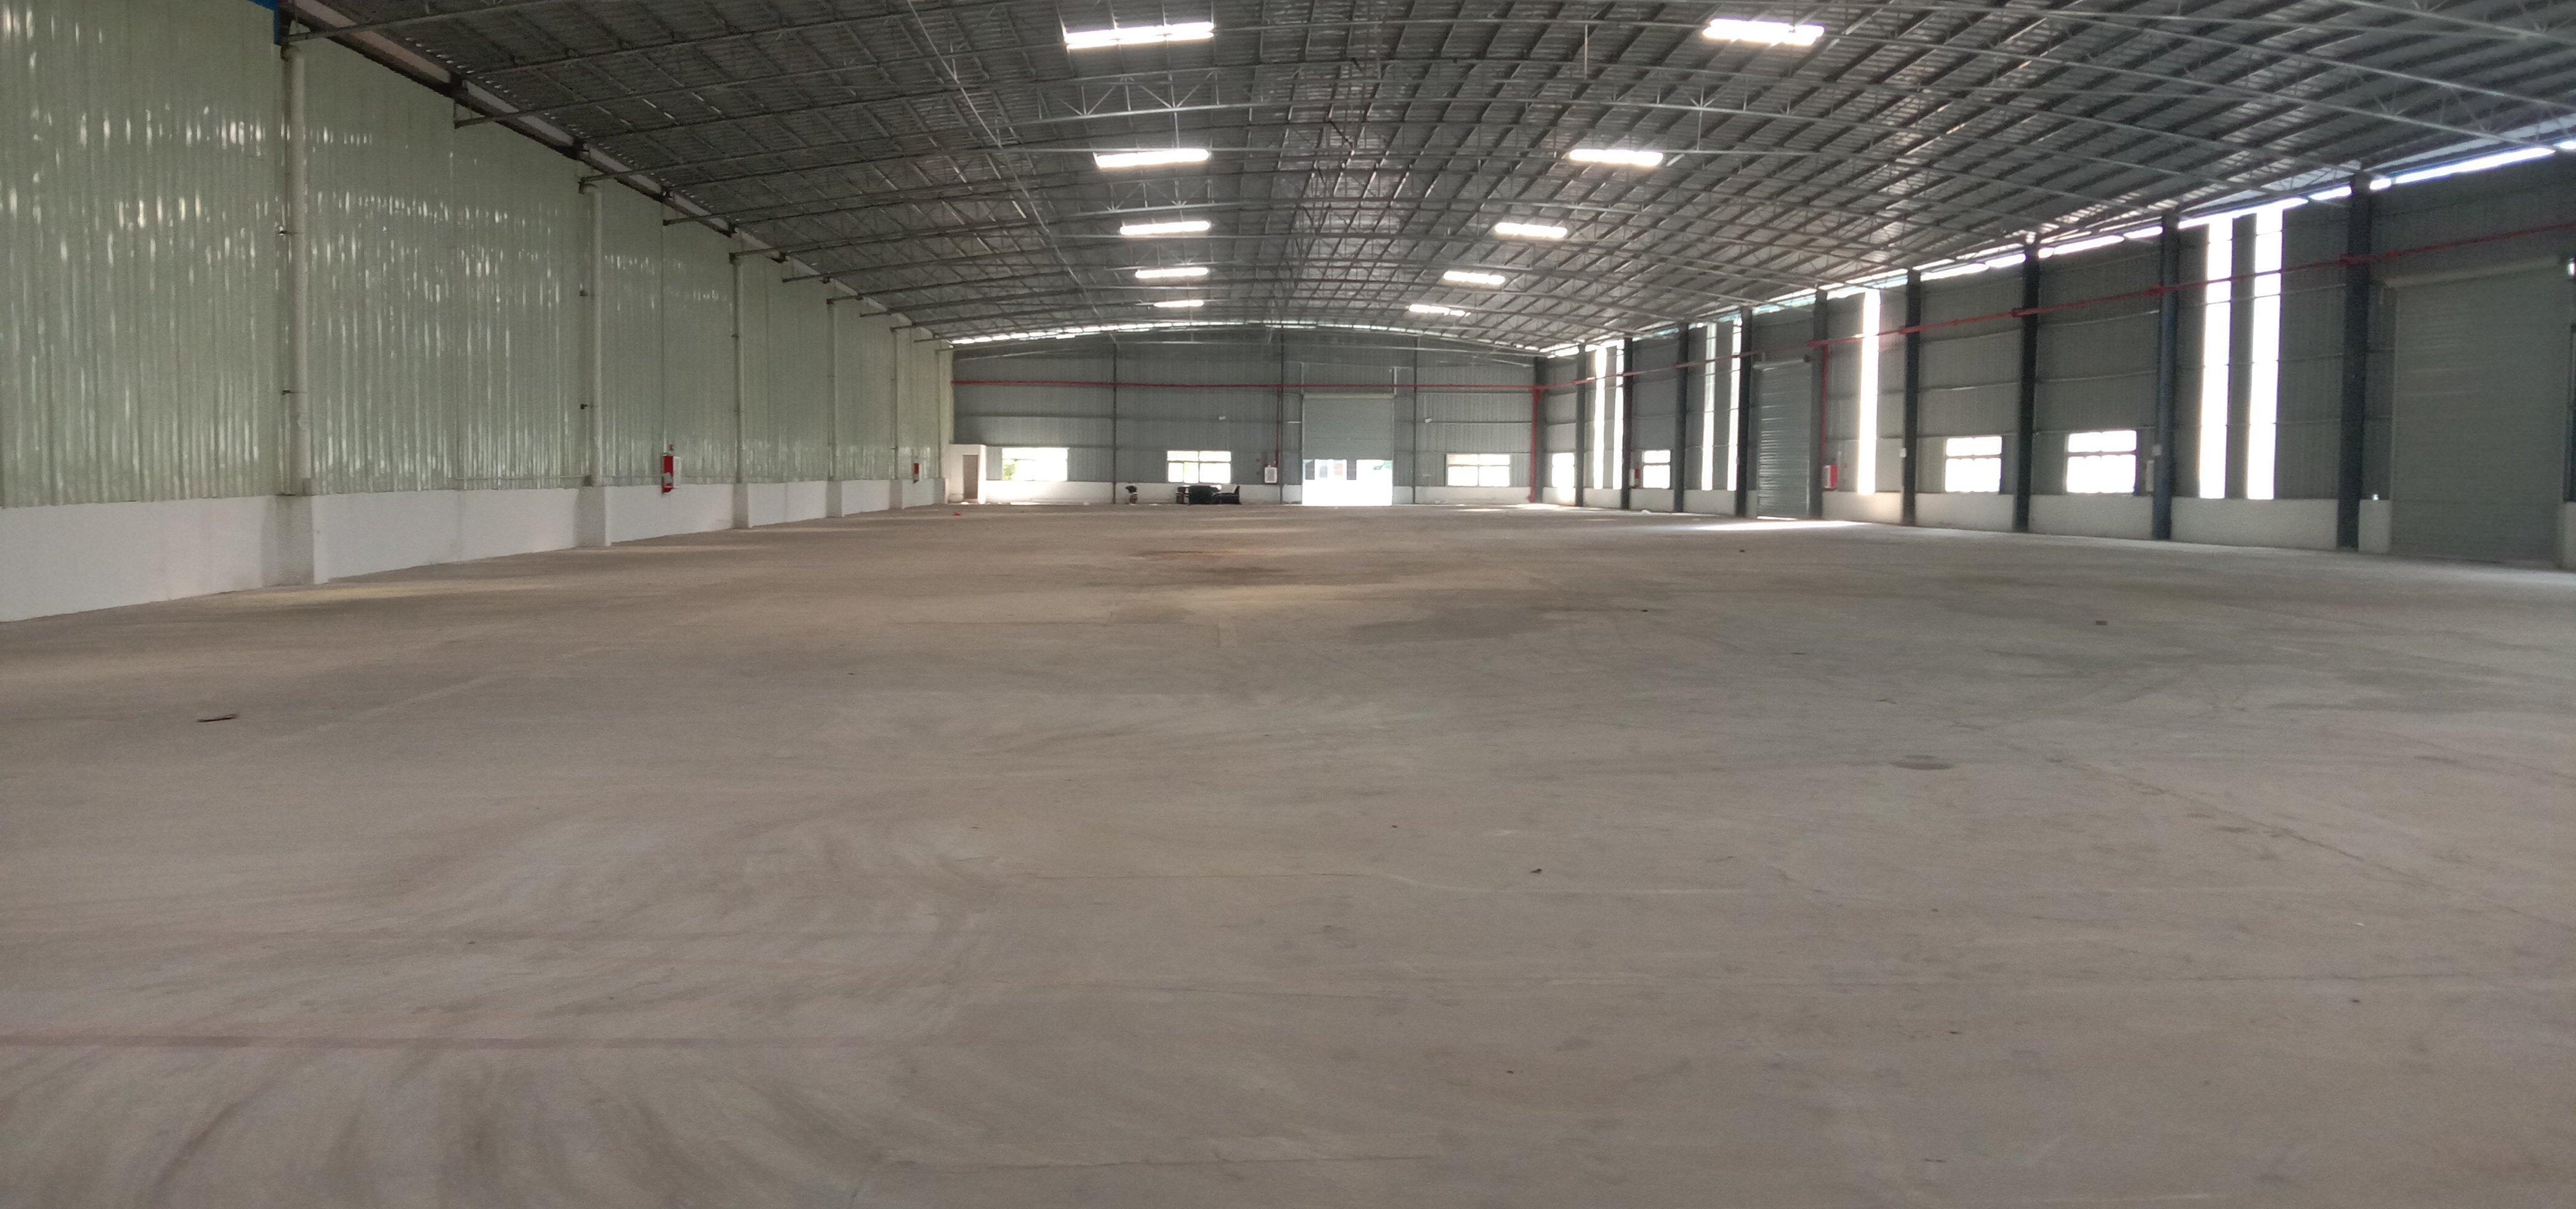 樟木头钢构仓库出租,滴水8米2700平方,中间无柱子